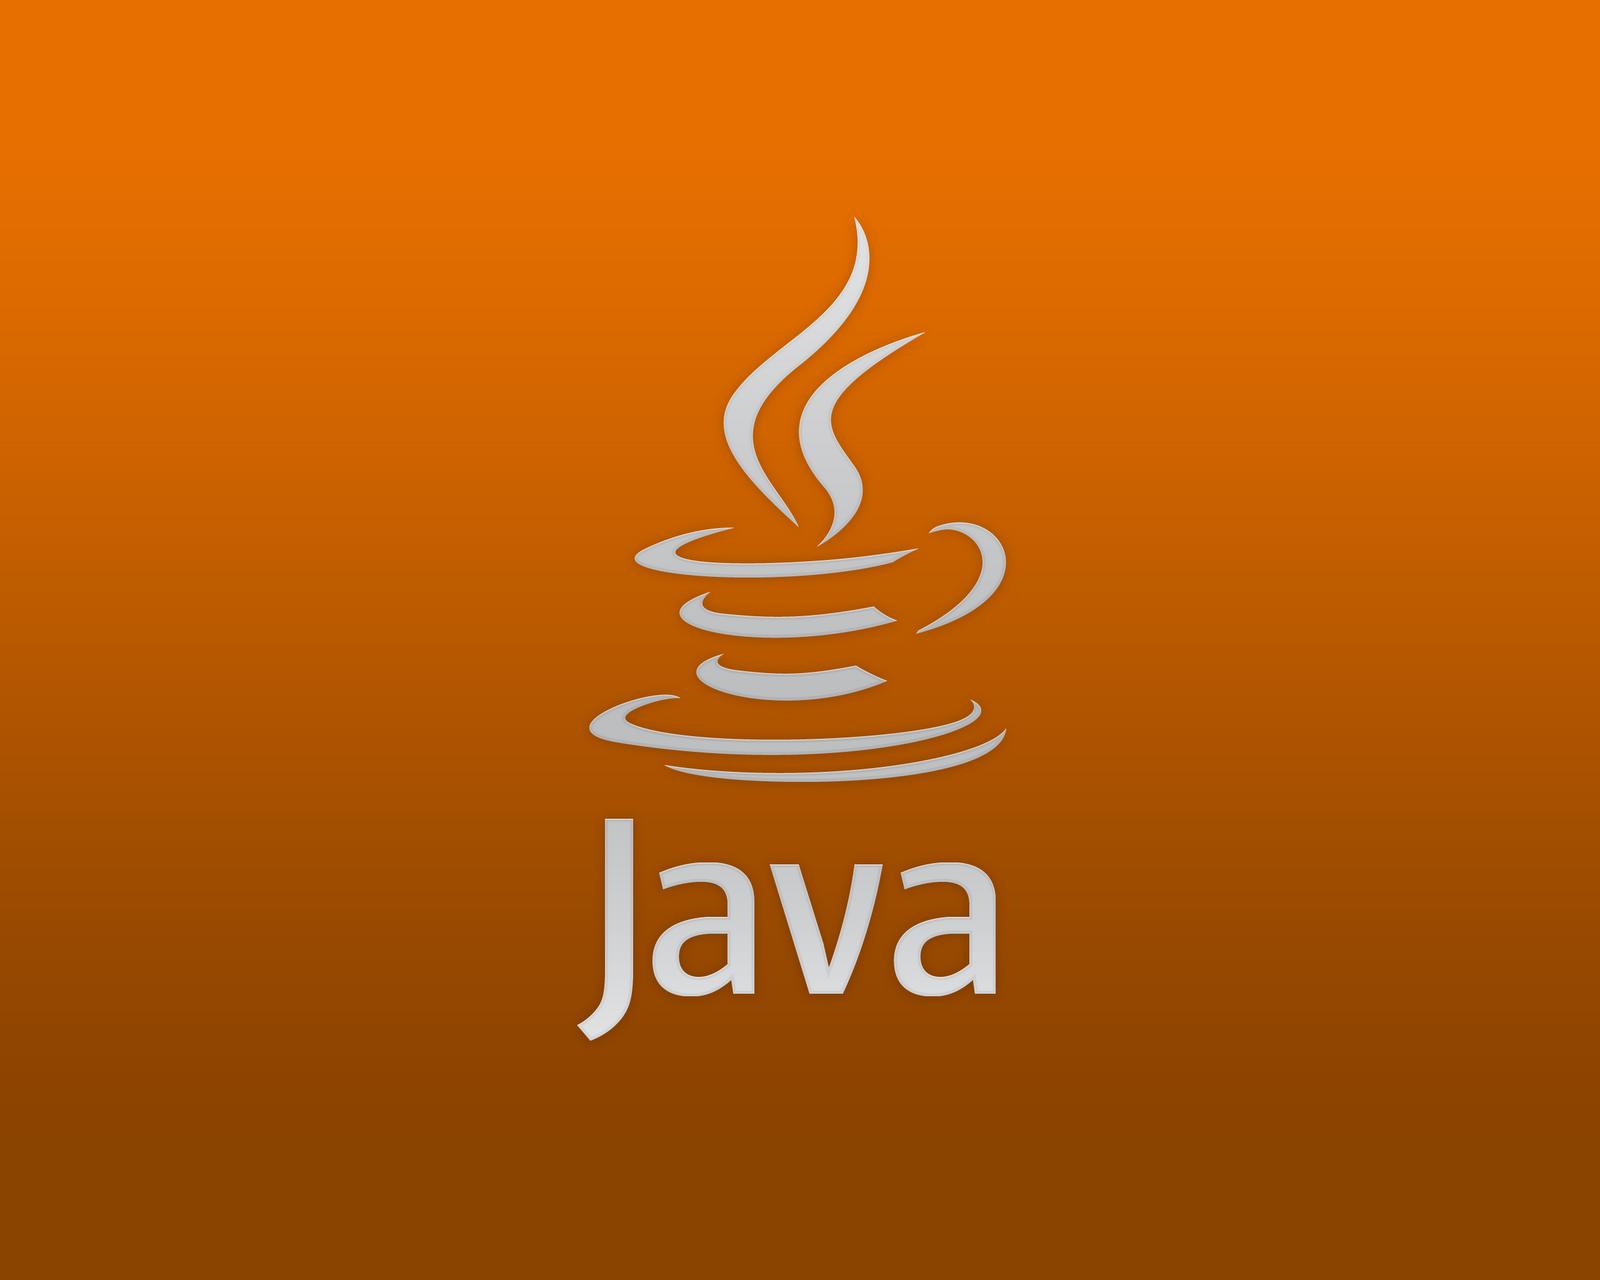 java-logo-orange JPG